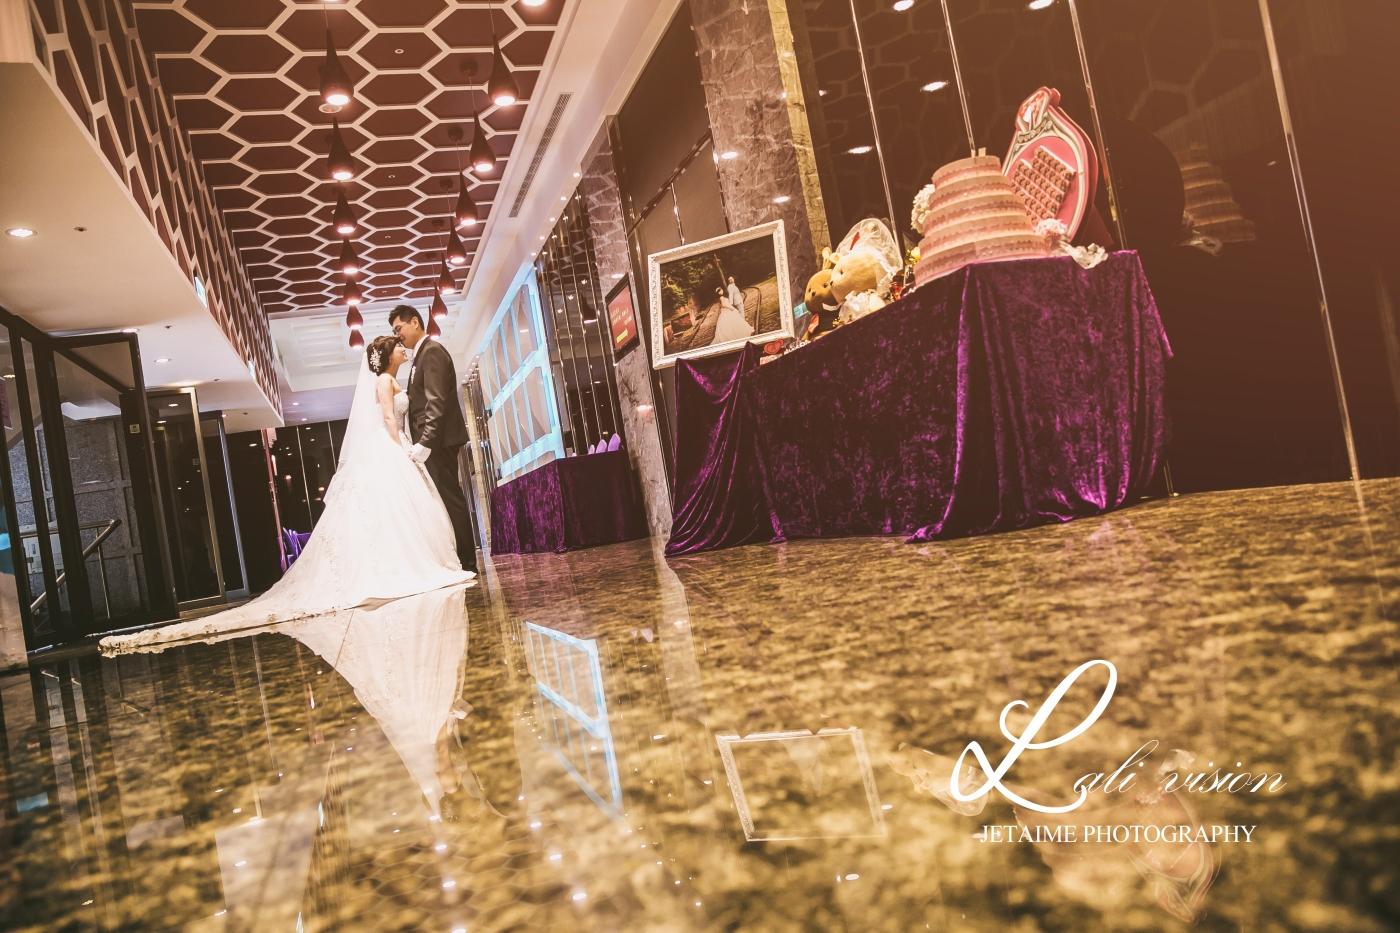 台湾婚纱摄影师-婚礼摄影-婚摄JeTaIme